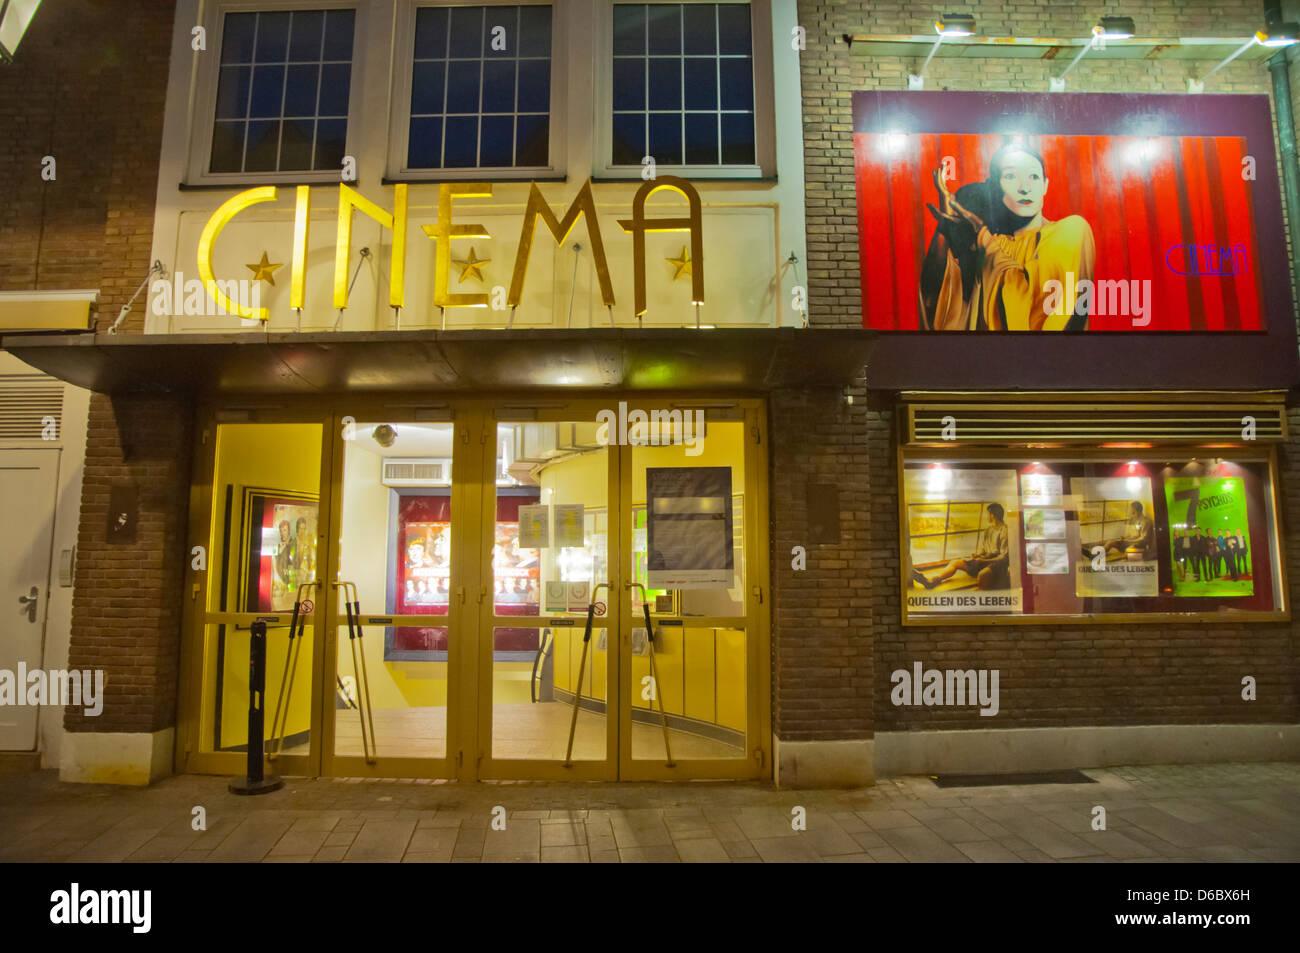 Kino Kino Altstadt der alten Stadt Düsseldorf Stadt Nordrhein-Westfalen Region Deutschland Westeuropa Stockbild